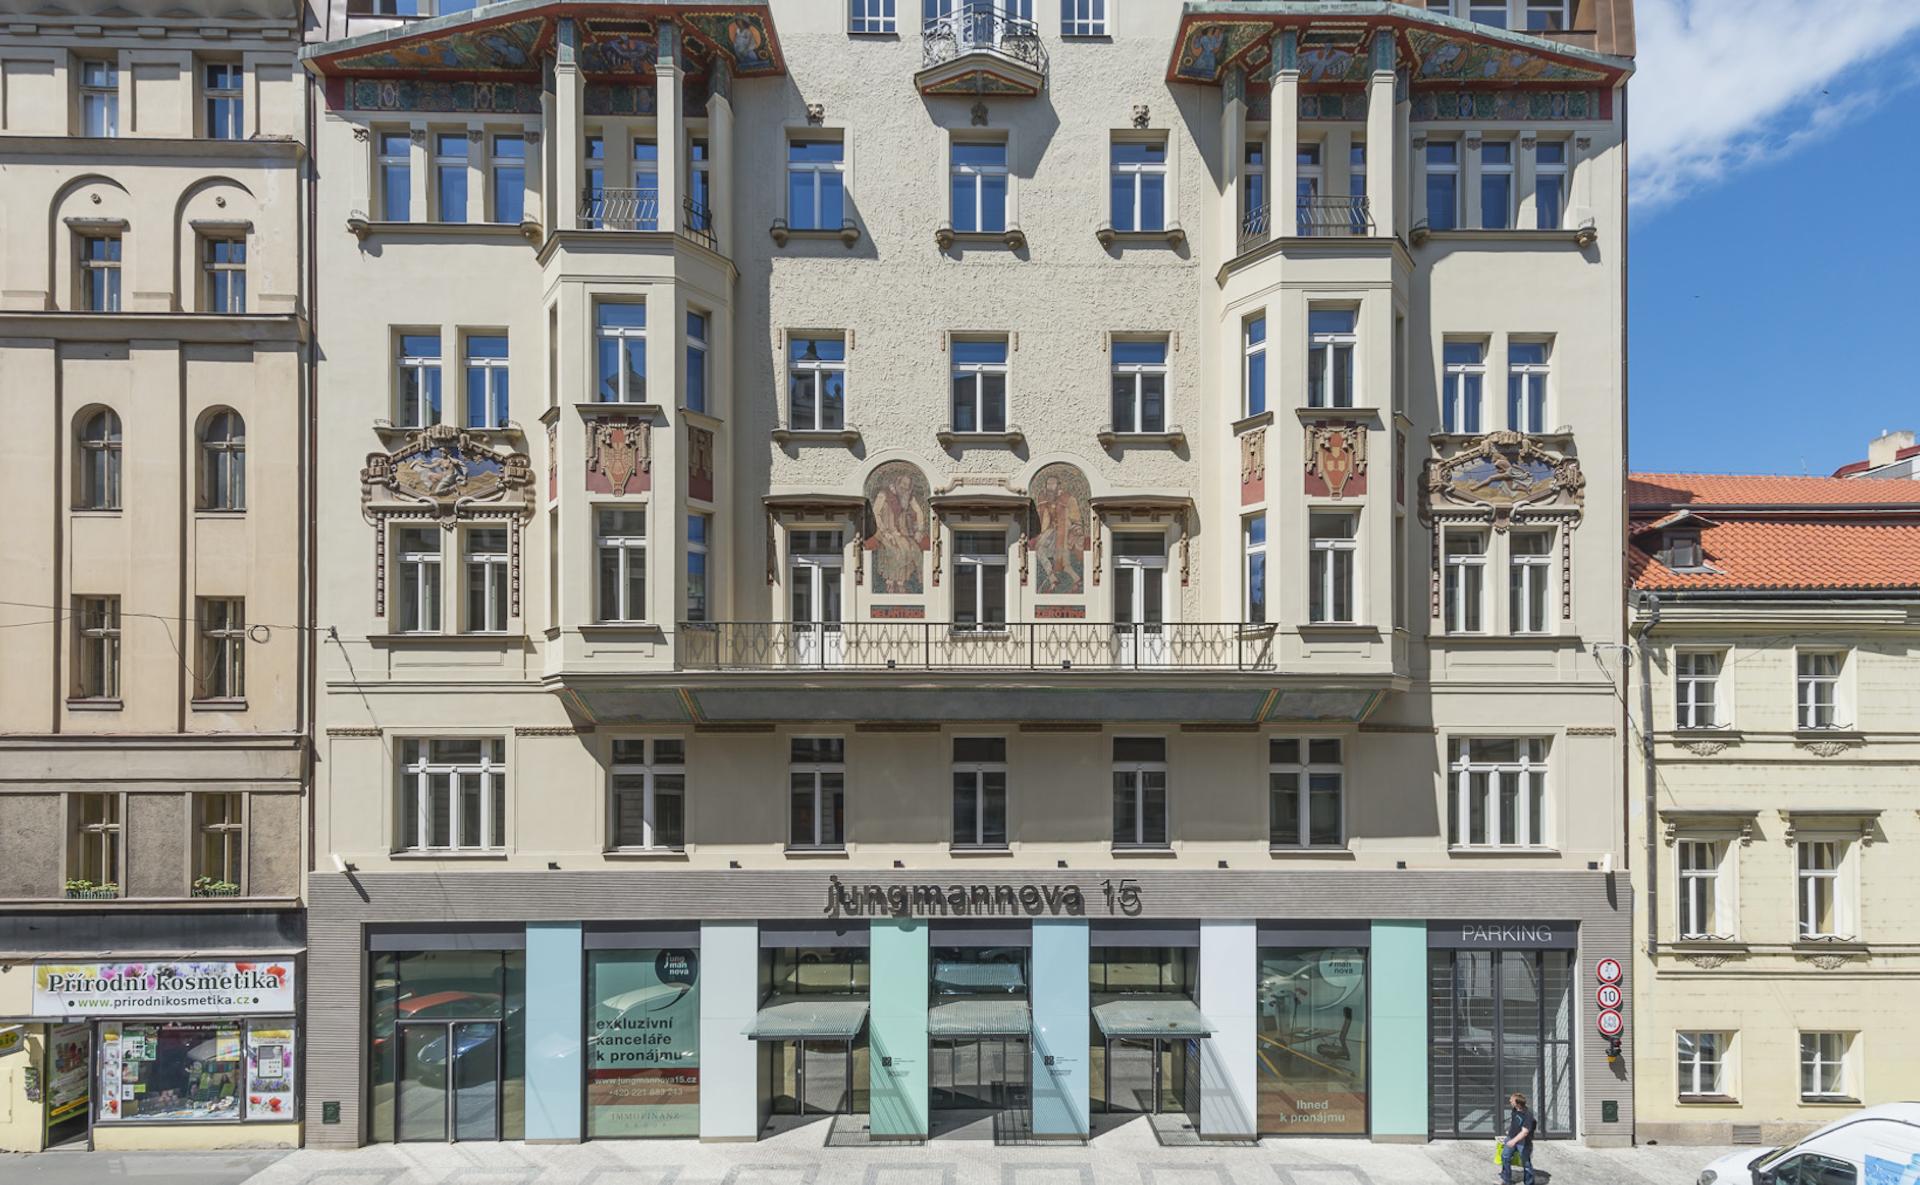 Moderní kanceláře v centru Prahy, Jungmannova